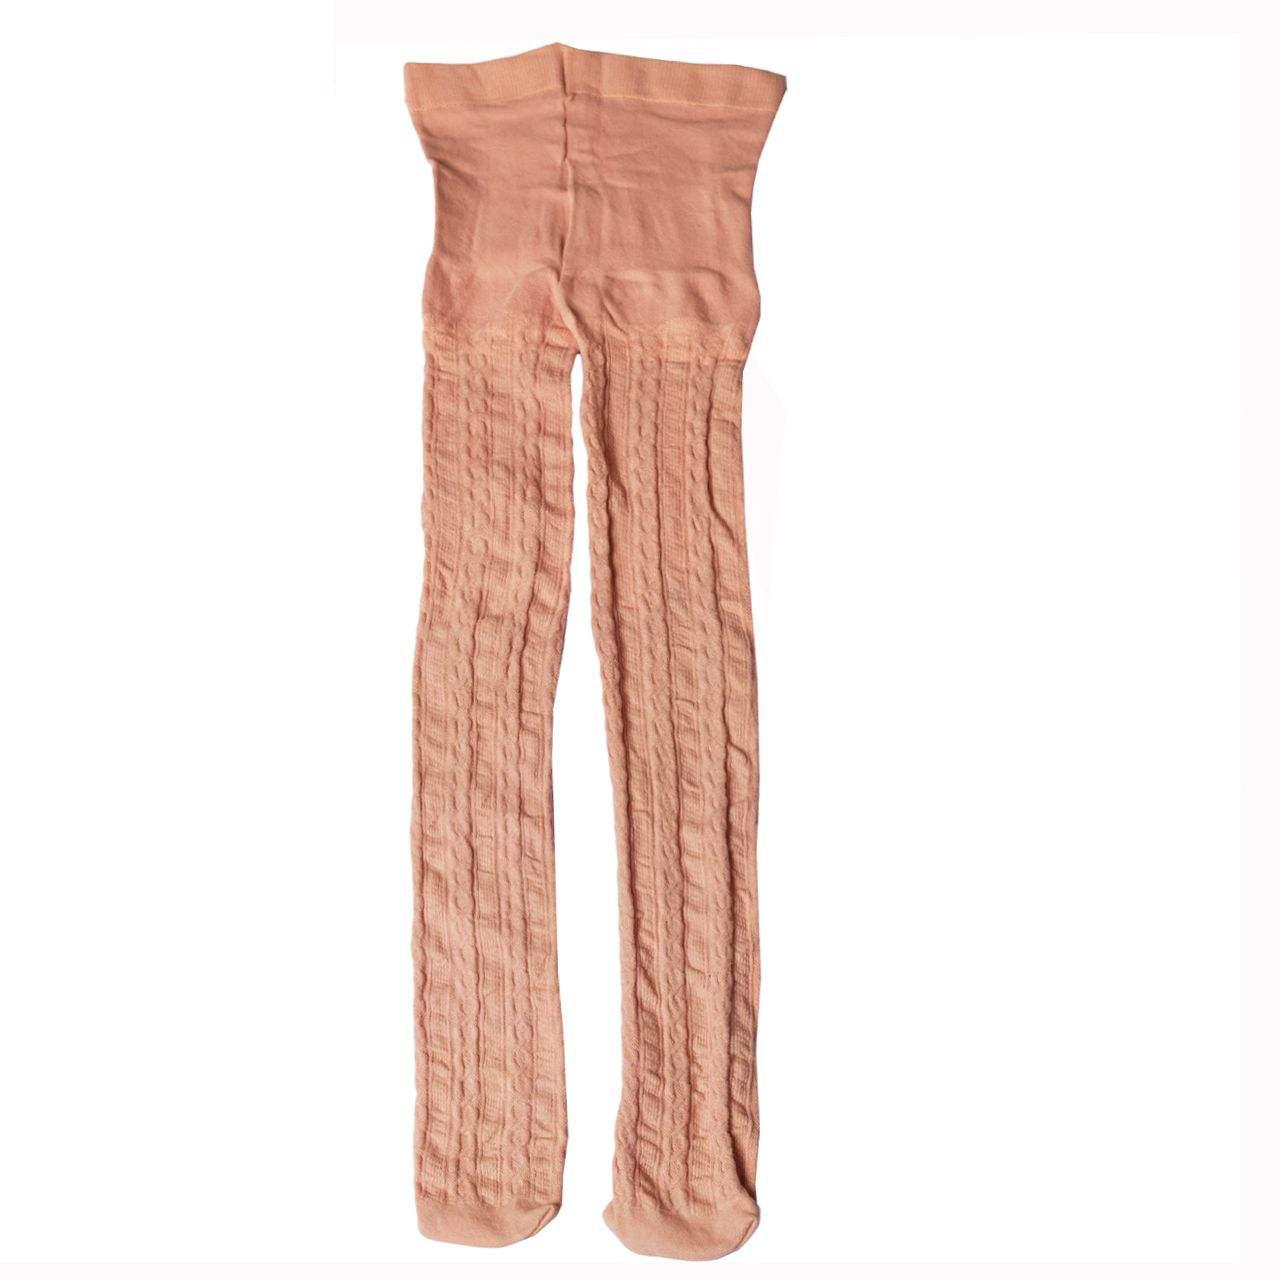 جوراب شلواری دخترانه پنتی مدل کارینا رنگ صورتی